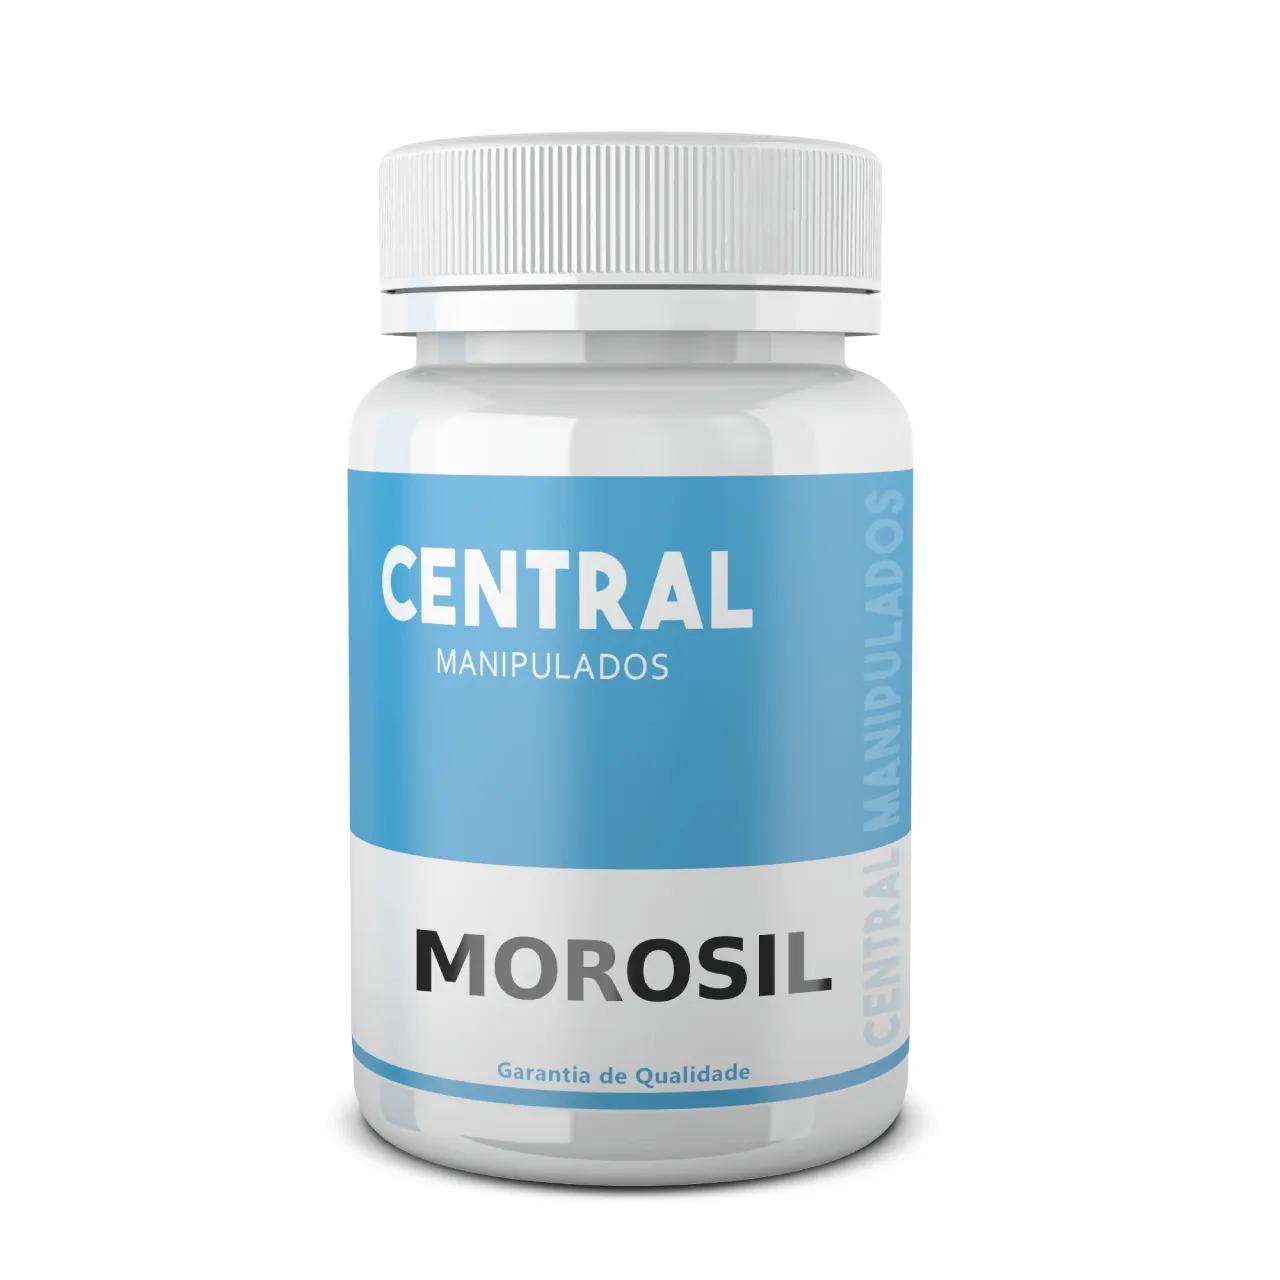 Morosil (ORIGINAL GALENA) 500mg - 60 cápsulas - Emagrecimento e redução de medidas no abdômen